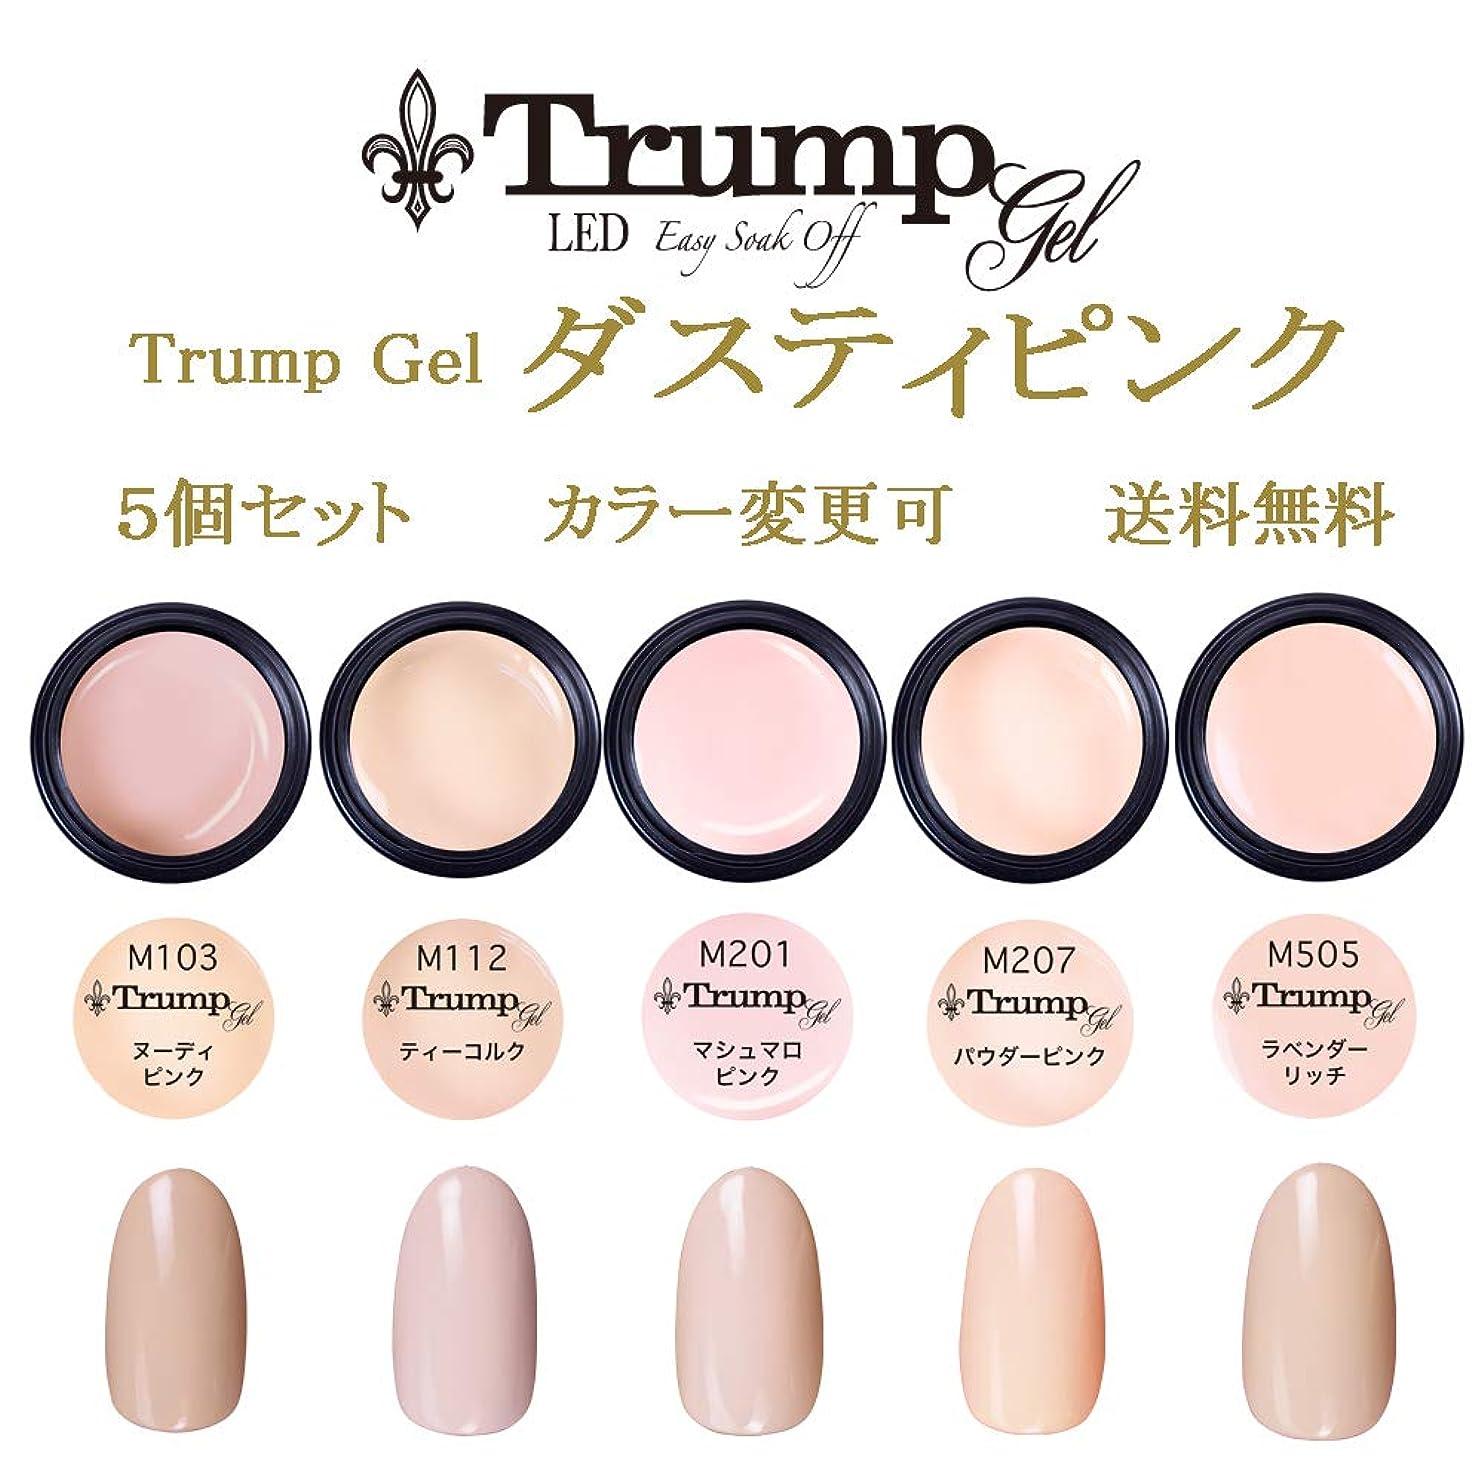 ギネスまろやかなバッチ【送料無料】Trumpダスティピンクカラー選べる カラージェル5個セット